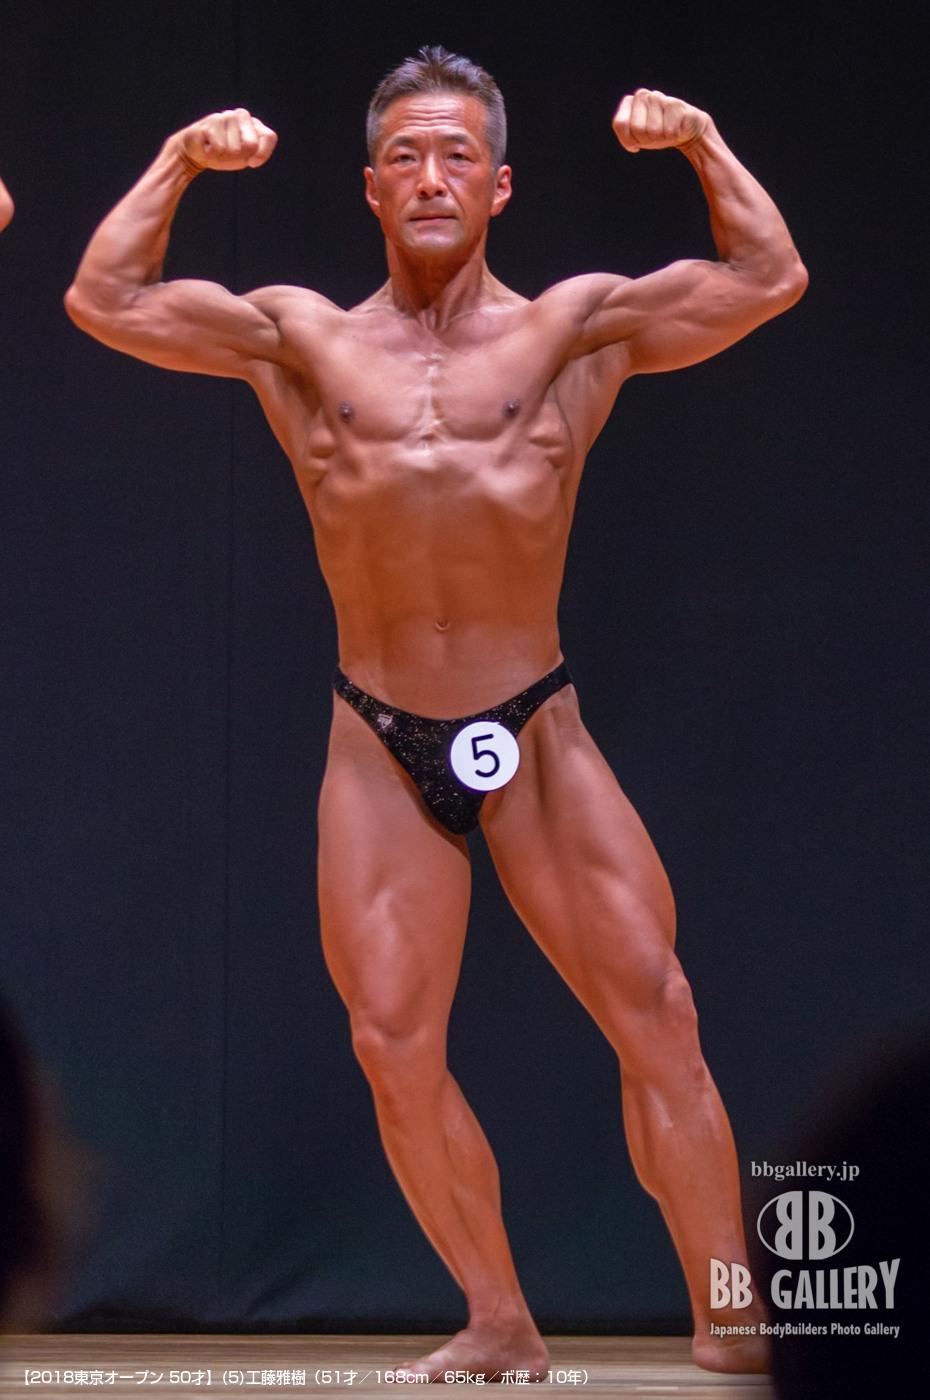 【2018東京オープン 50才】(5)工藤雅樹(51才/168cm/65kg/ボ歴:10年)